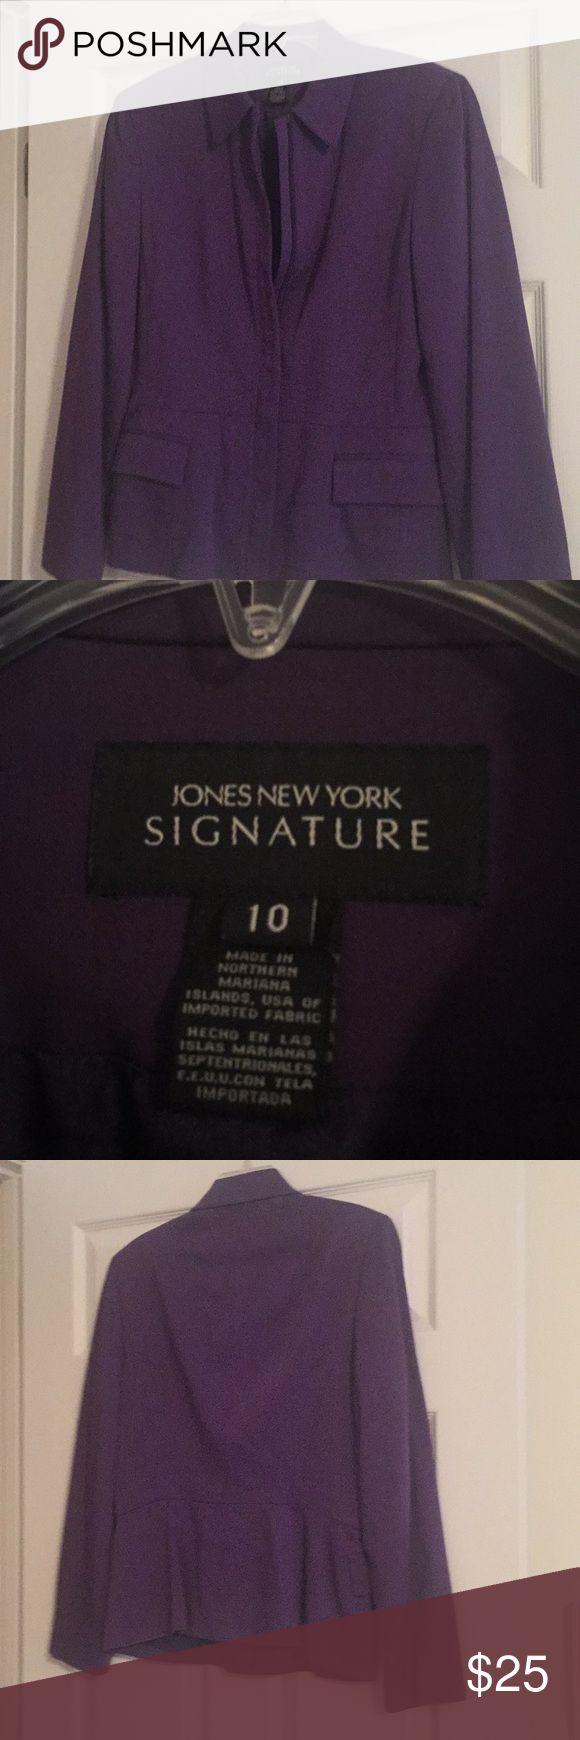 Jones New York purple blazer Jones New York purple blazer with zip front and peplum bottom in sz 10. Very flattering fit. Jones New York Jackets & Coats Blazers